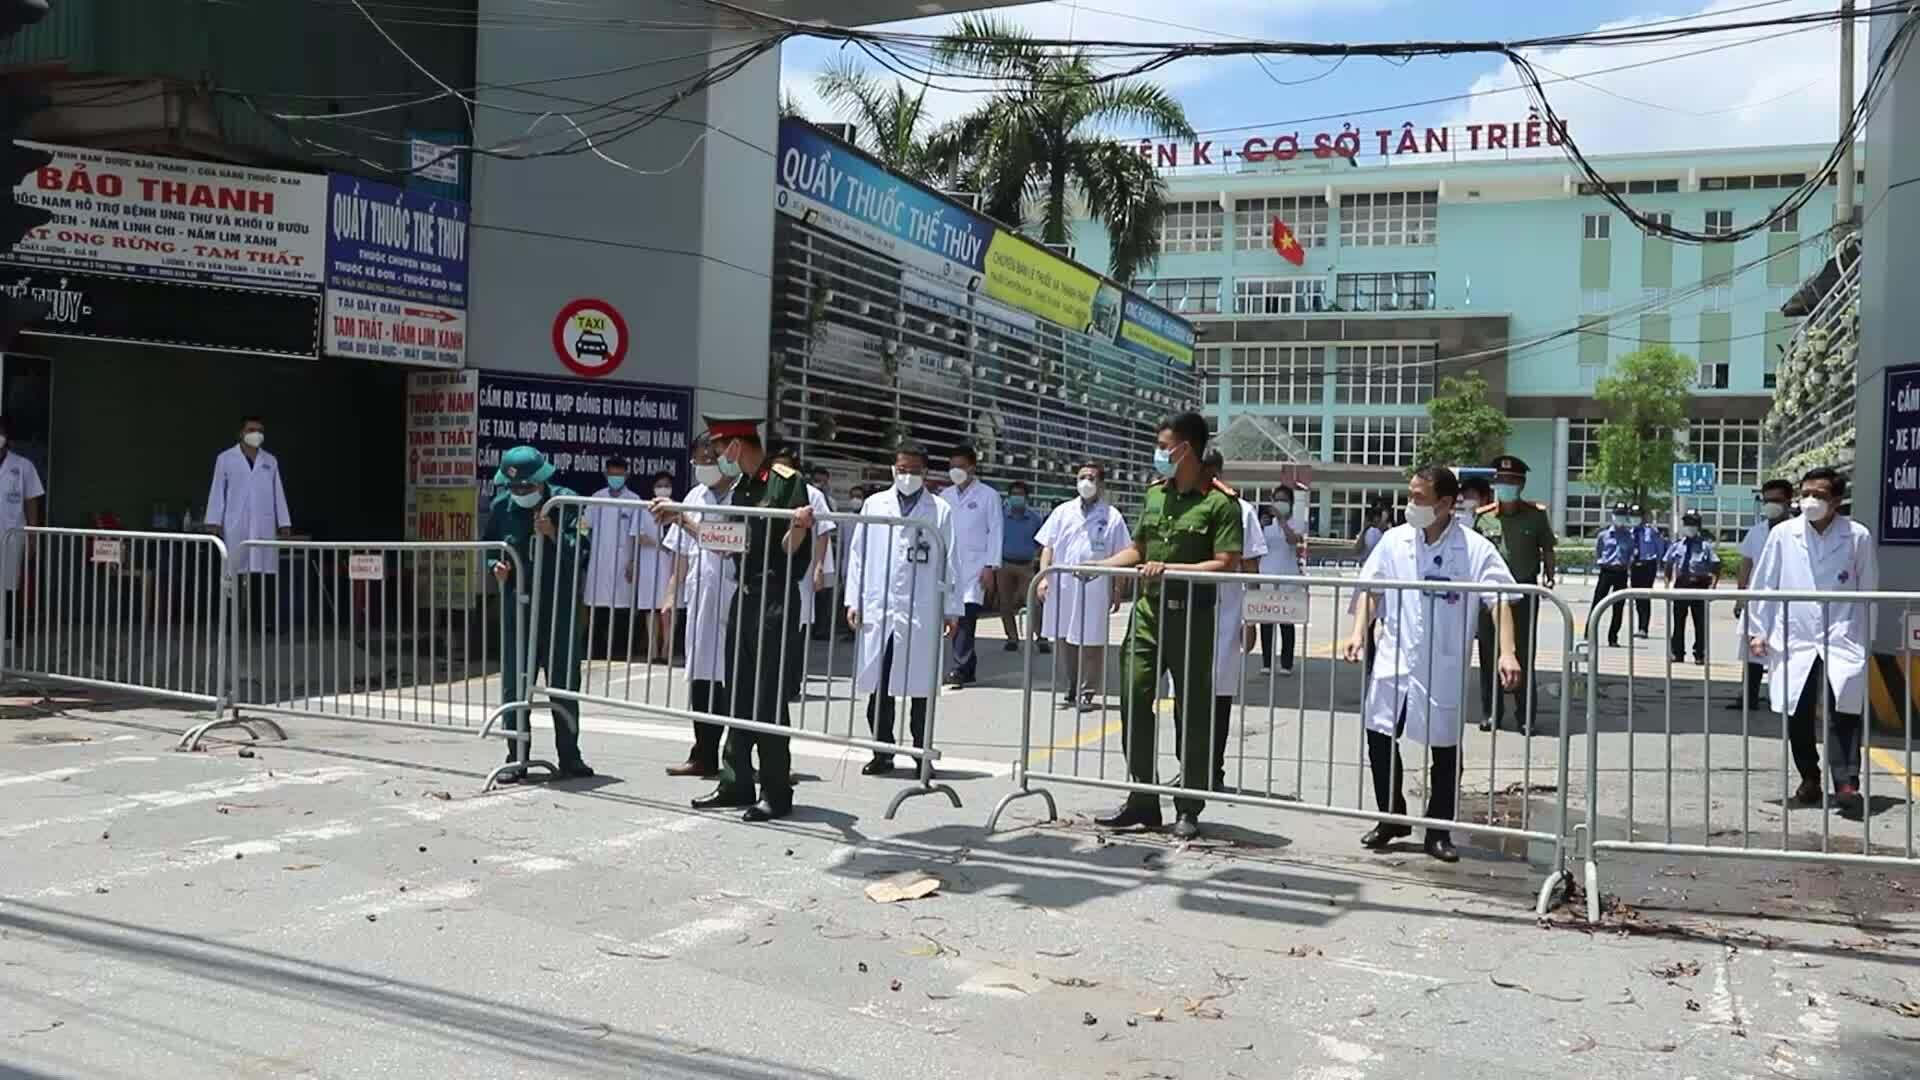 Bệnh viện K cơ sở Tân Triều gỡ phong tỏa